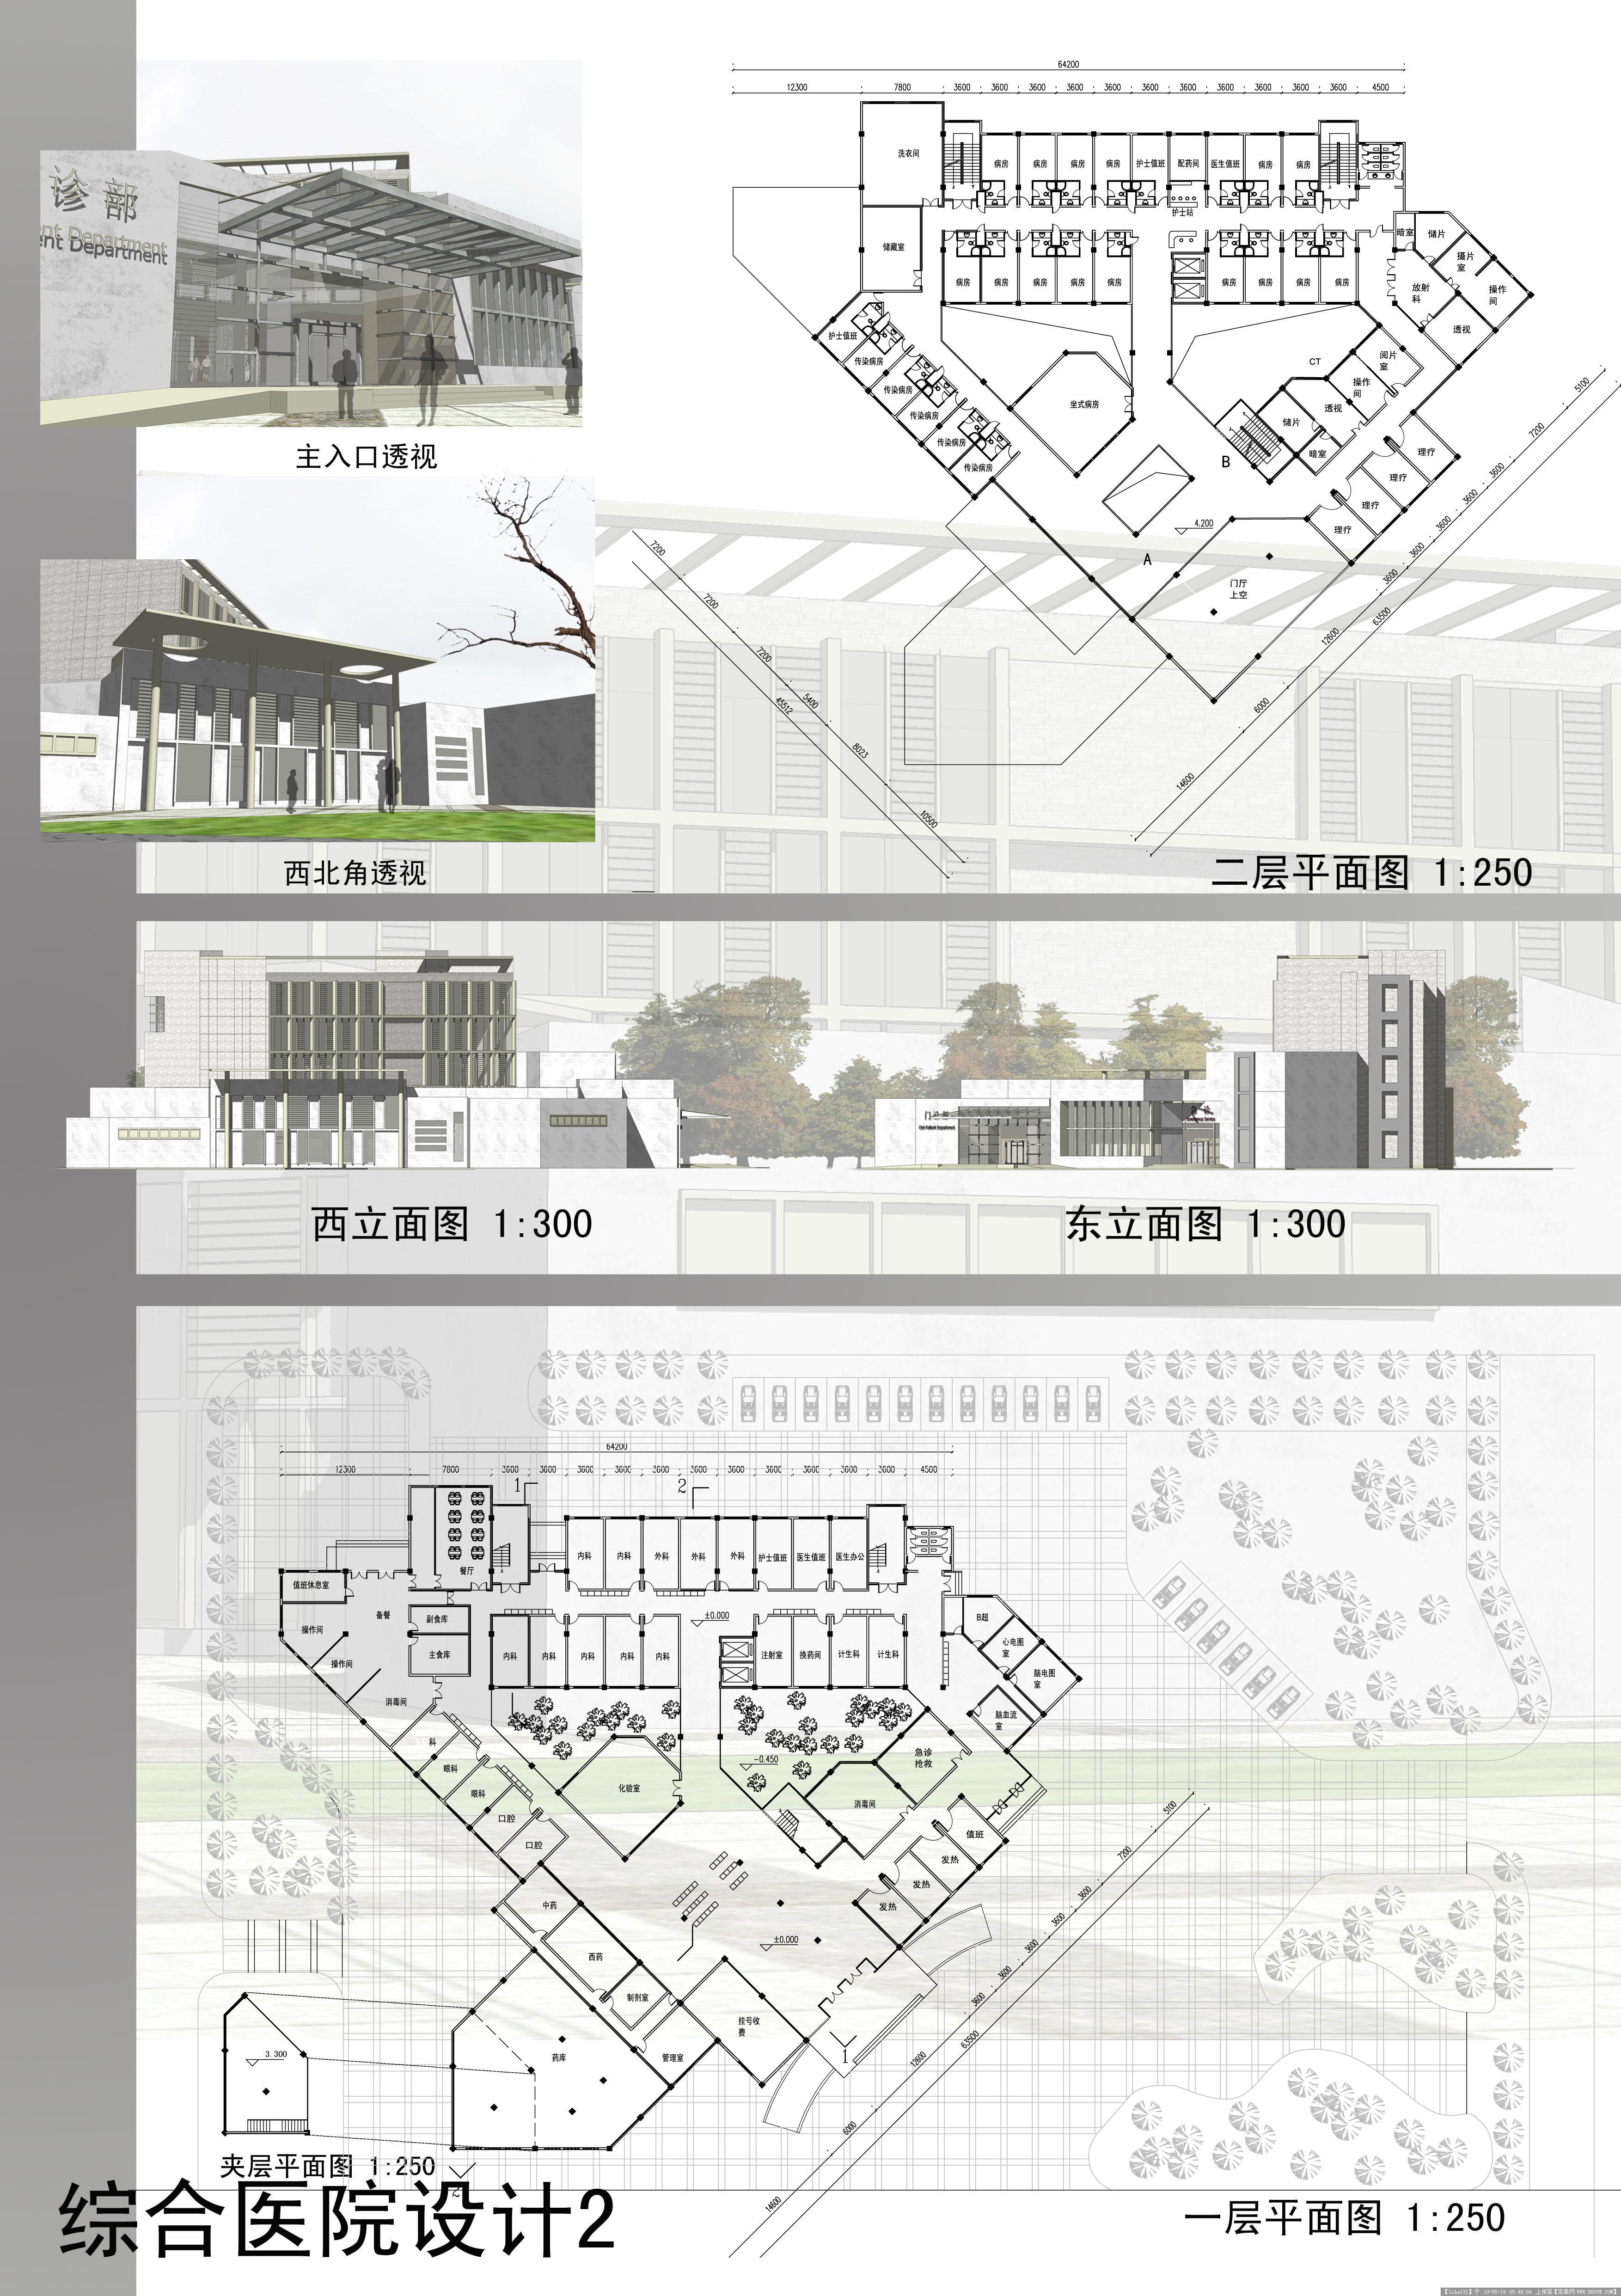 某校区综合医院设计展板3张-大图